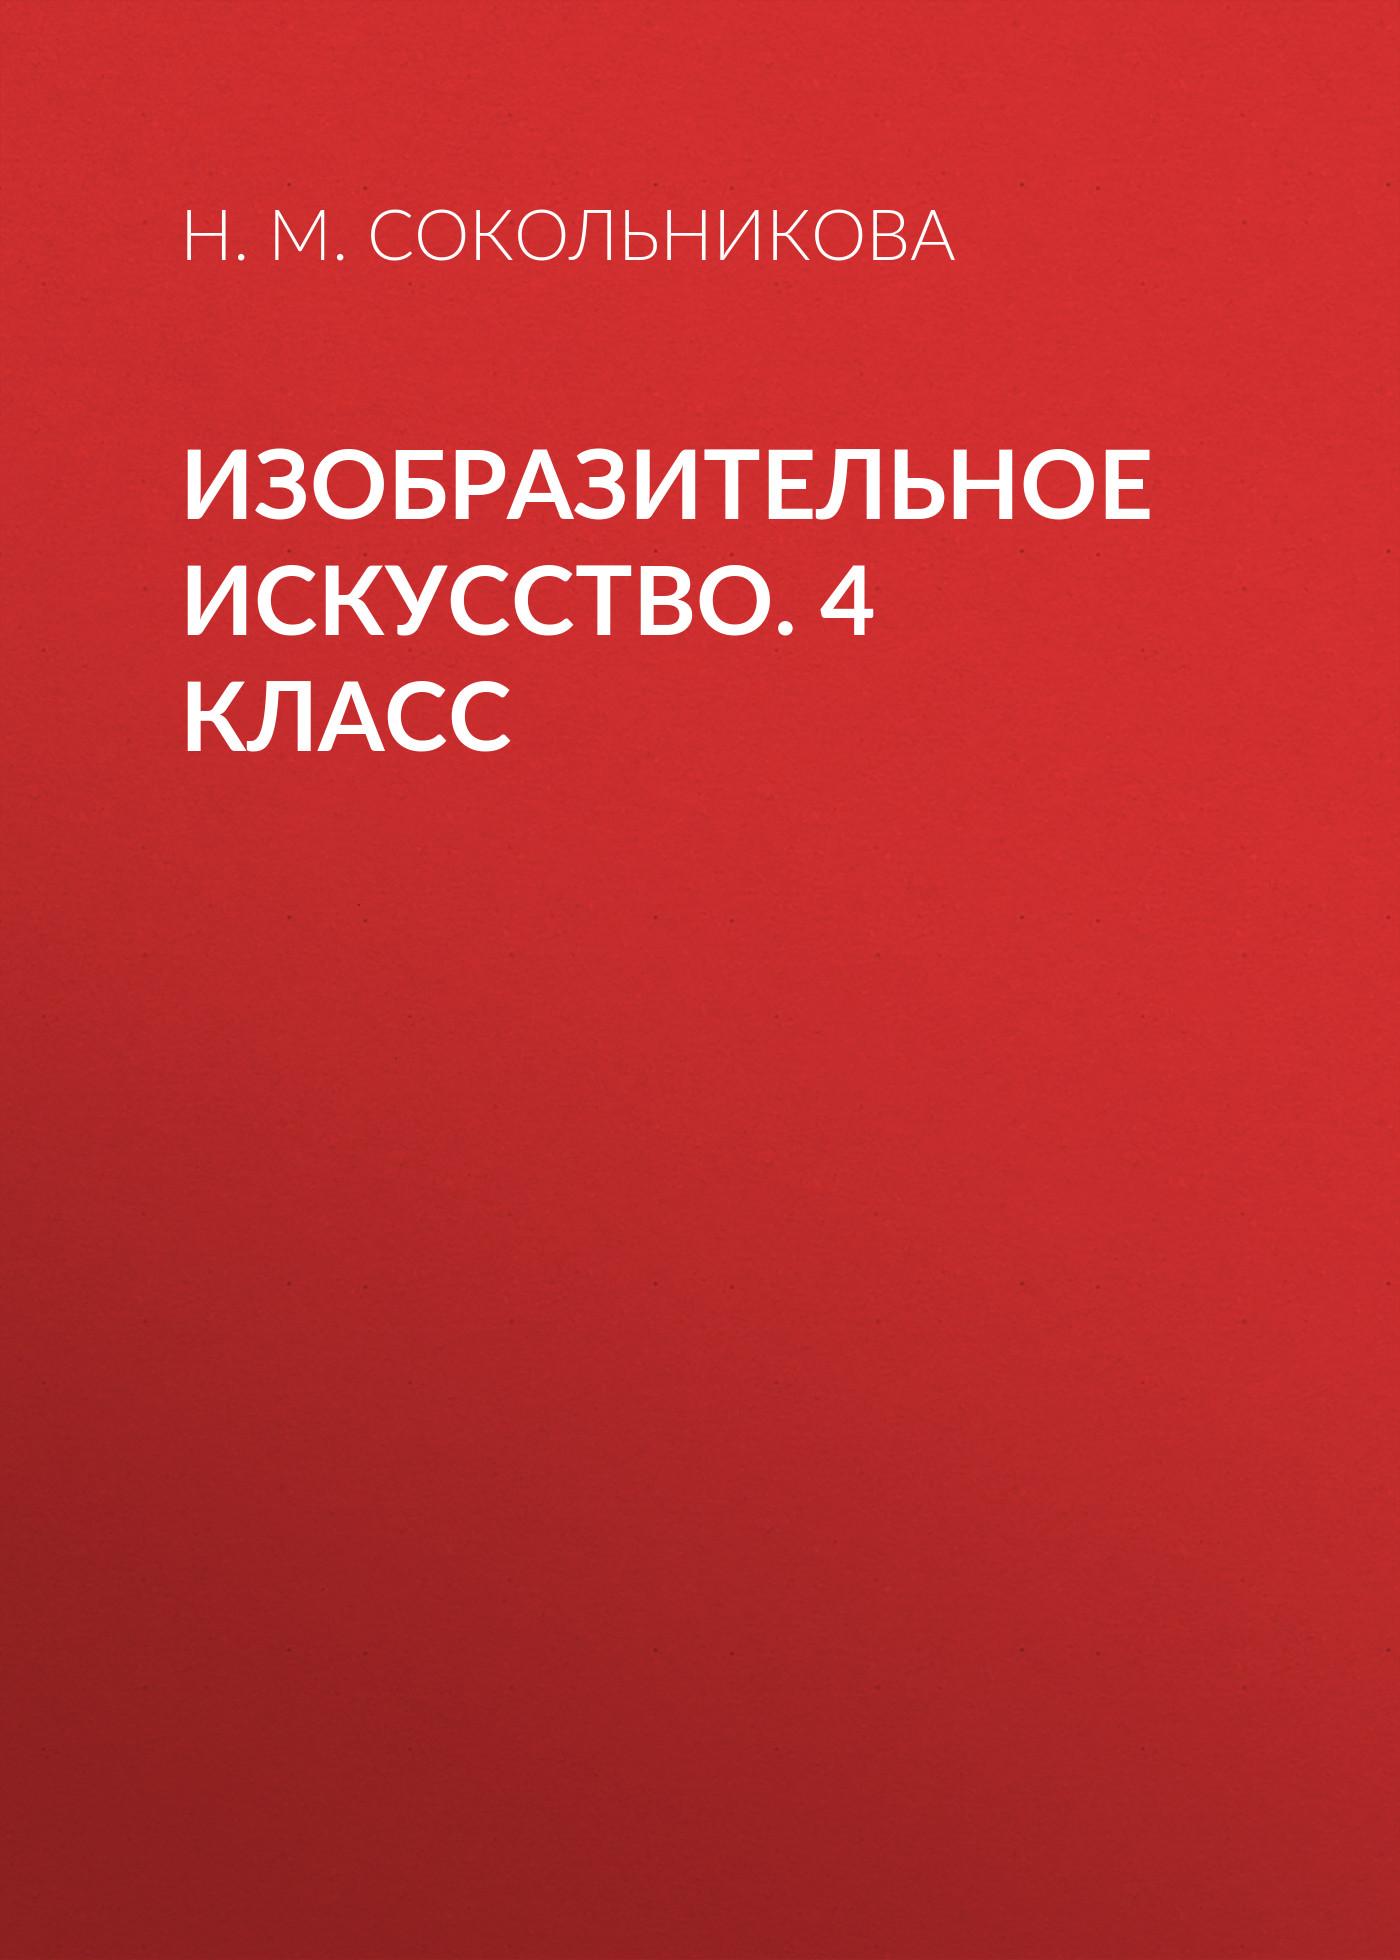 Н. М. Сокольникова Изобразительное искусство. 4 класс ю ф катханова изобразительное искусство рабочая тетрадь 4 класс часть 1